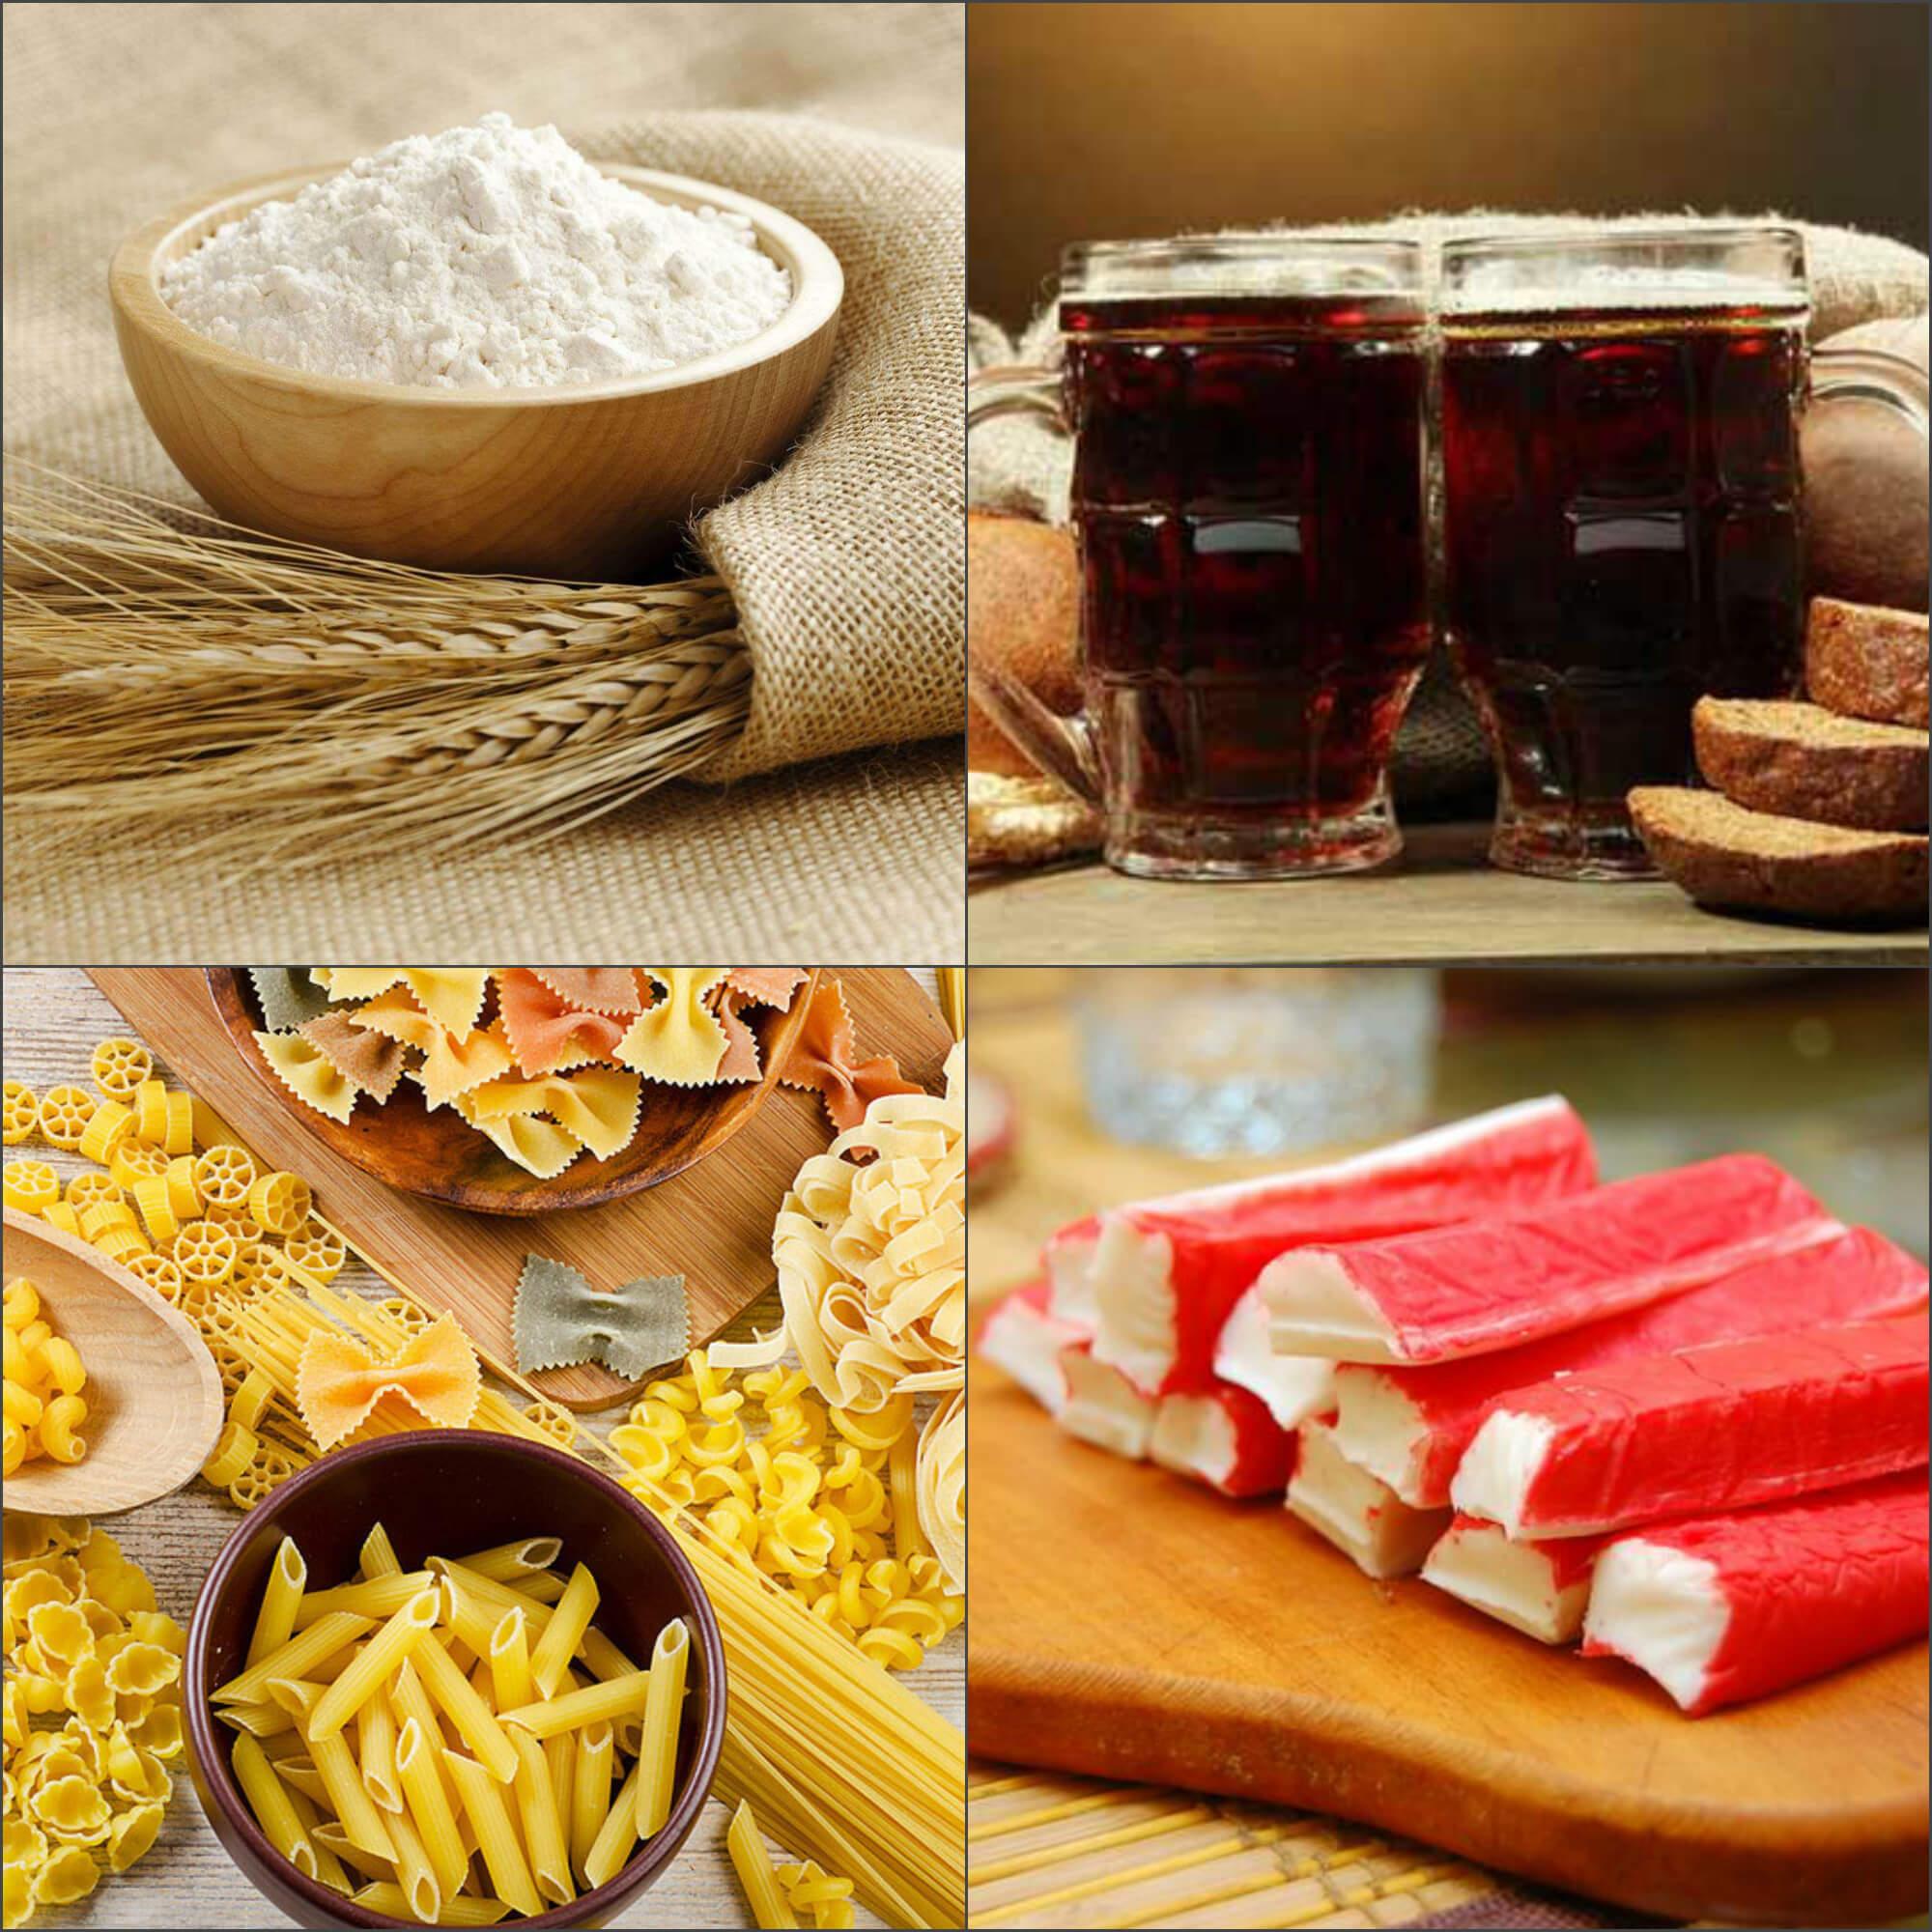 Насколько полезна для здоровья безглютеновая диета